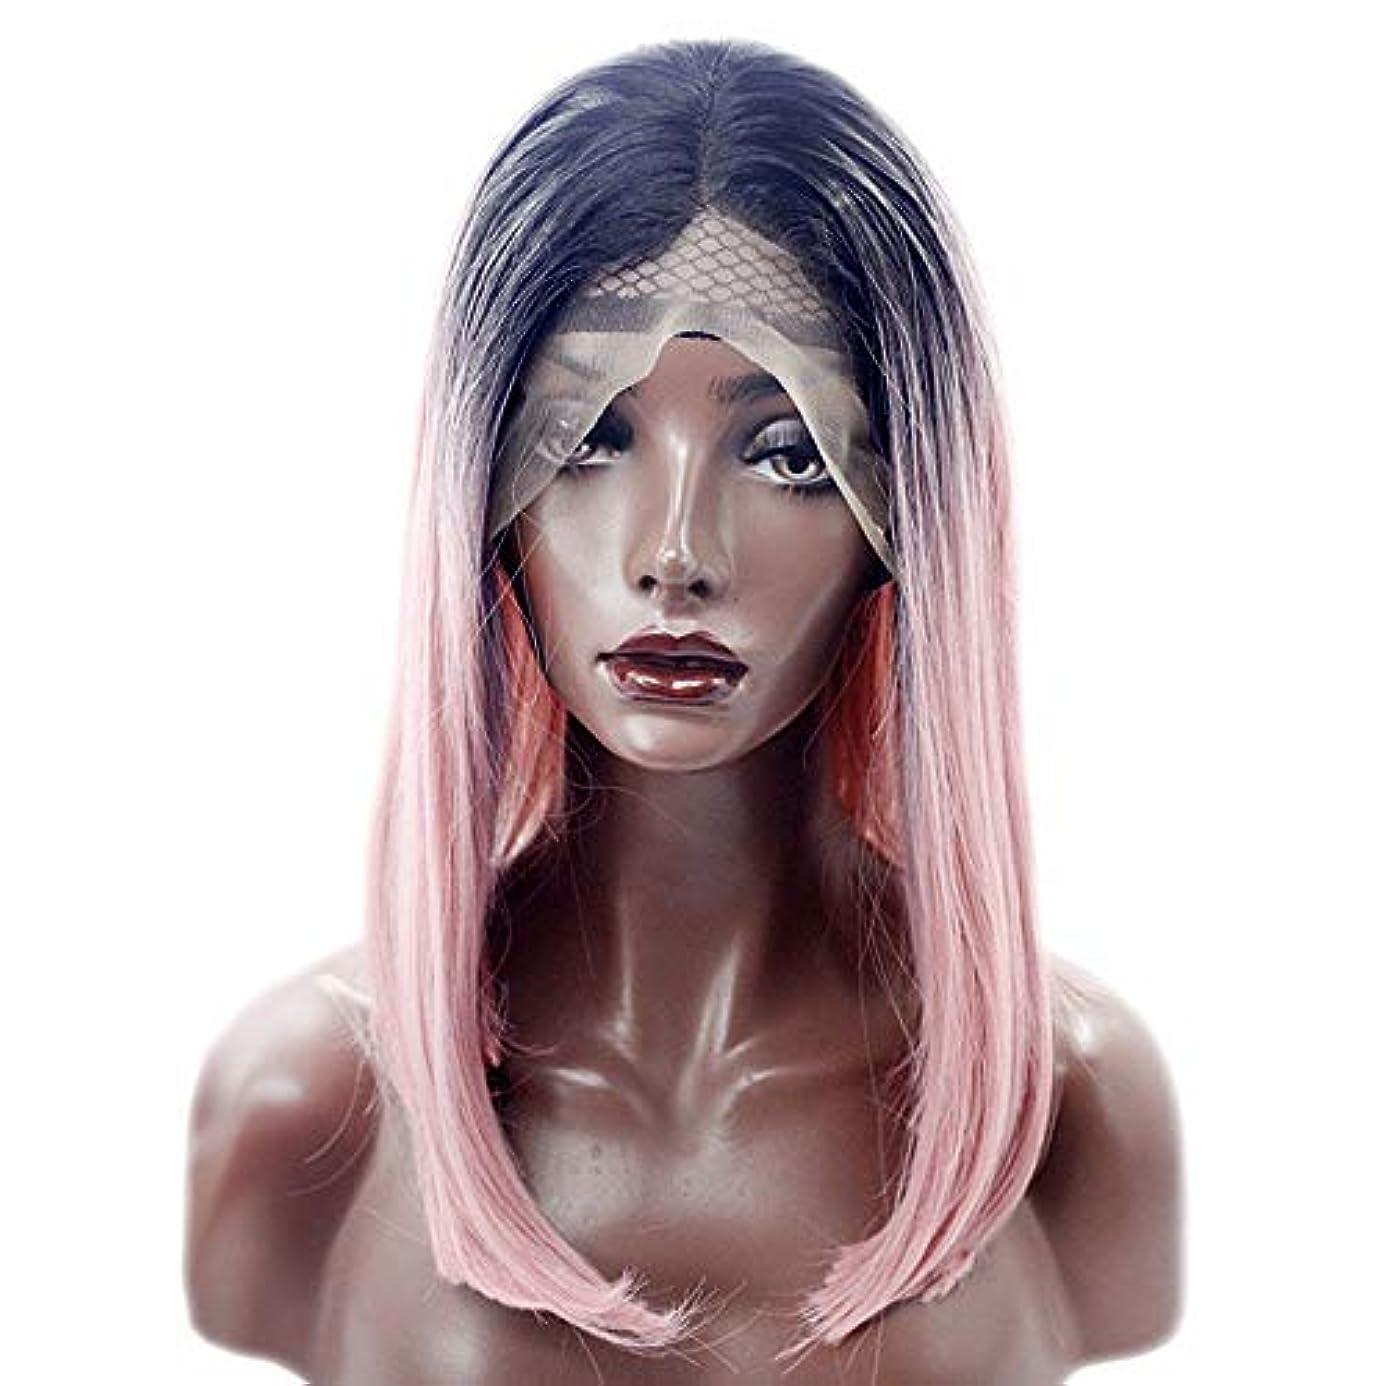 曲げるメディカル治安判事YOUQIU 女性のかつらのフロント合成かつらピンクボブウィッグストレート肩の耐熱髪をひもで締めます (色 : ピンク)